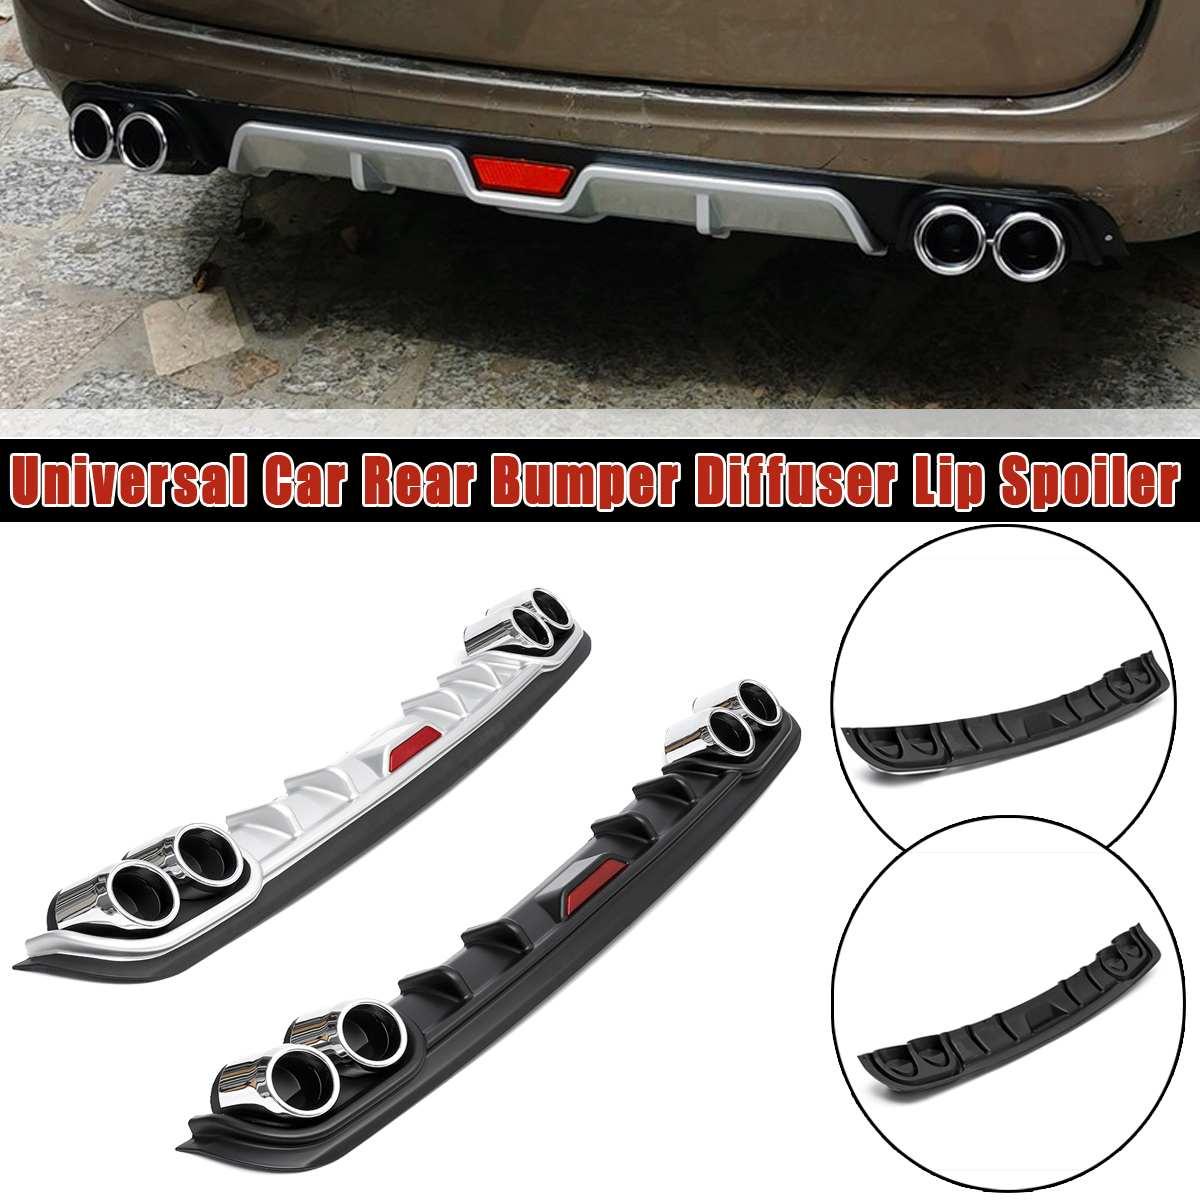 Universal Car trasero parachoques difusor labio Spoiler Fácil instalación adhesivo directo etc sin necesidad de perforar el agujero en su coche 128*16cm